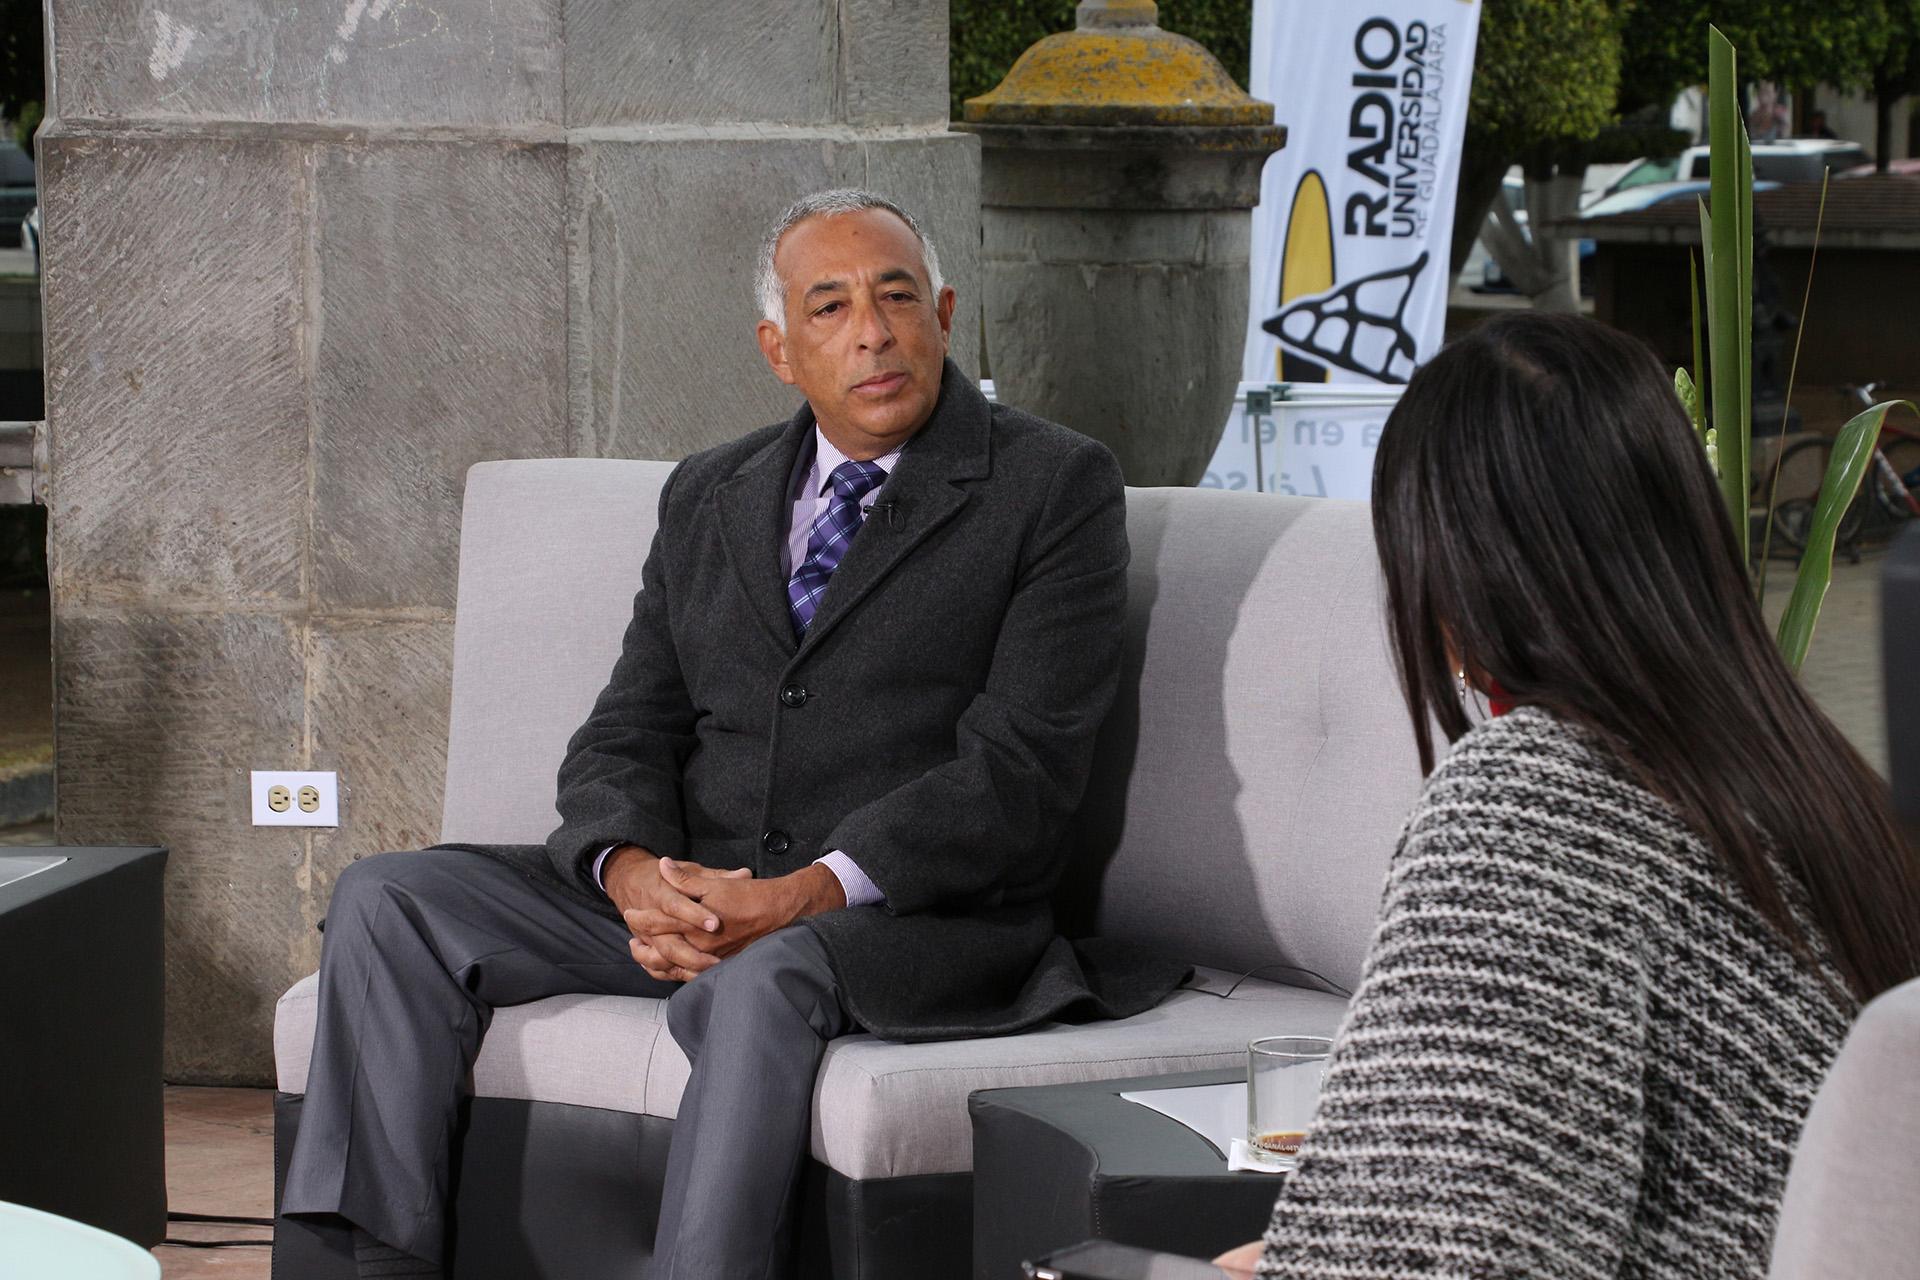 Rector del Centro Universitario del Sur (CUSur), maestro Ricardo Xicoténcatl García Cauzor, siendo entrevistado